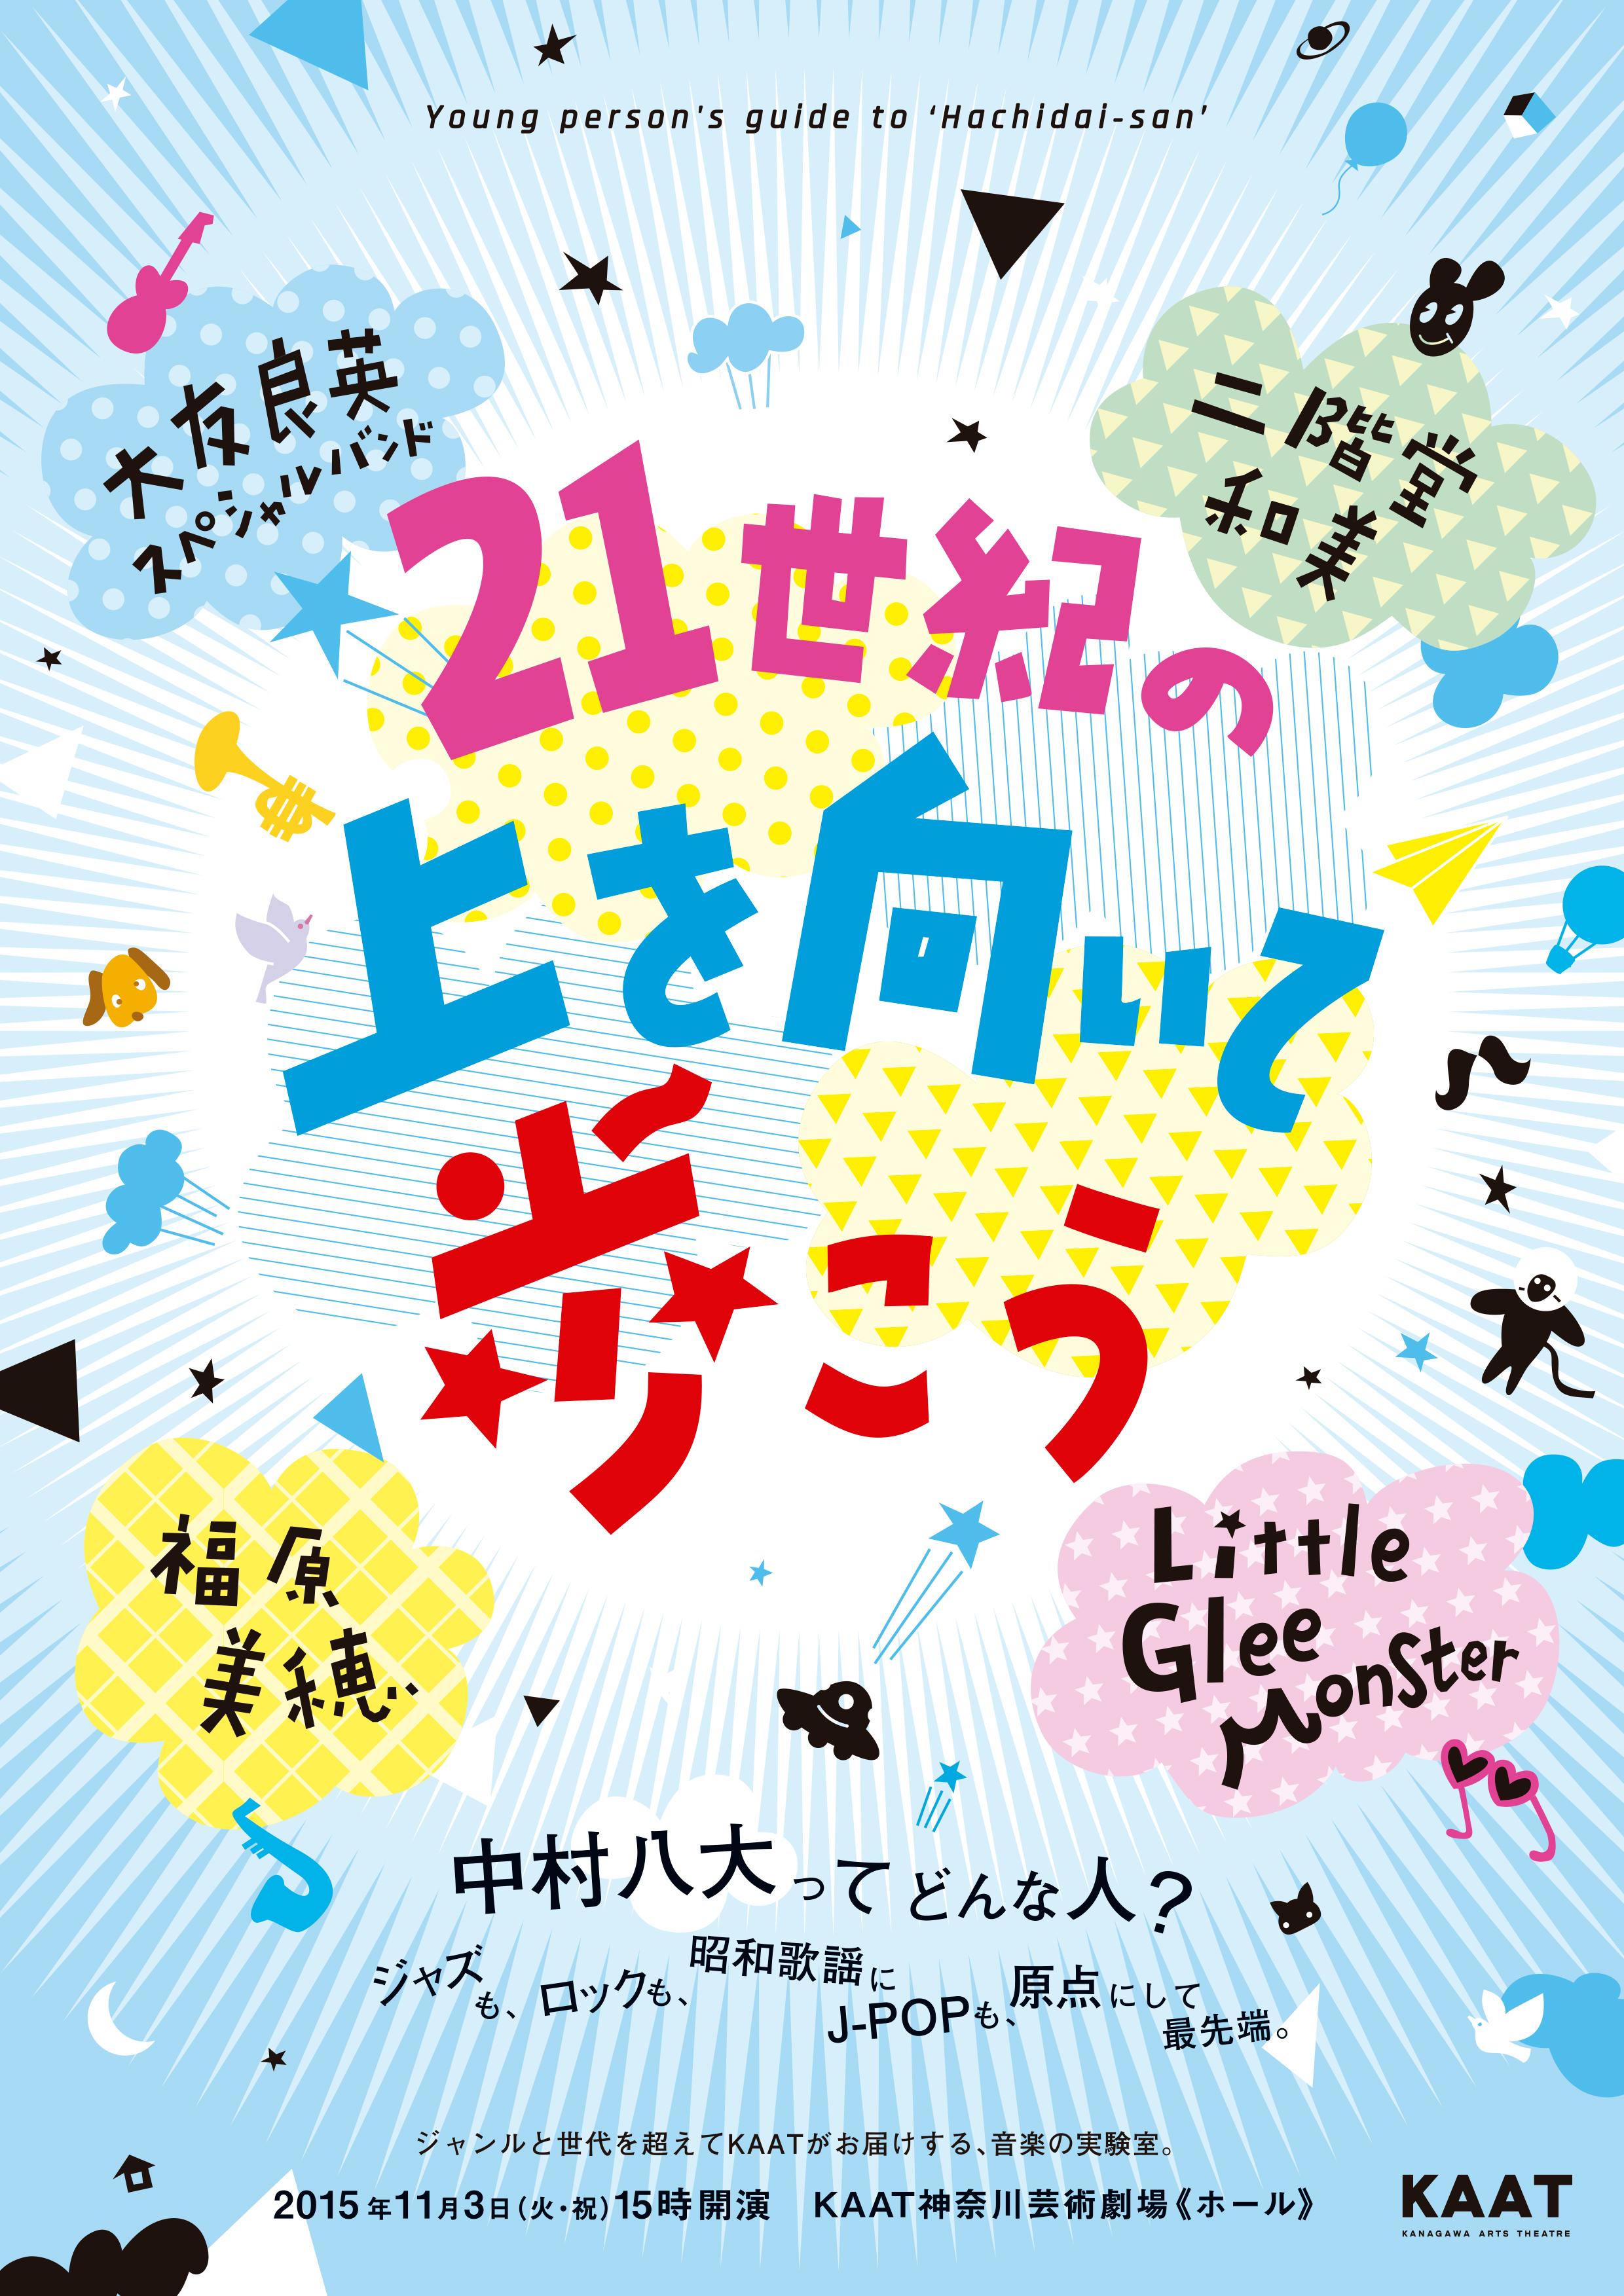 「21世紀の『上を向いて歩こう』 Young person's guide to 'Hachidai-san'」